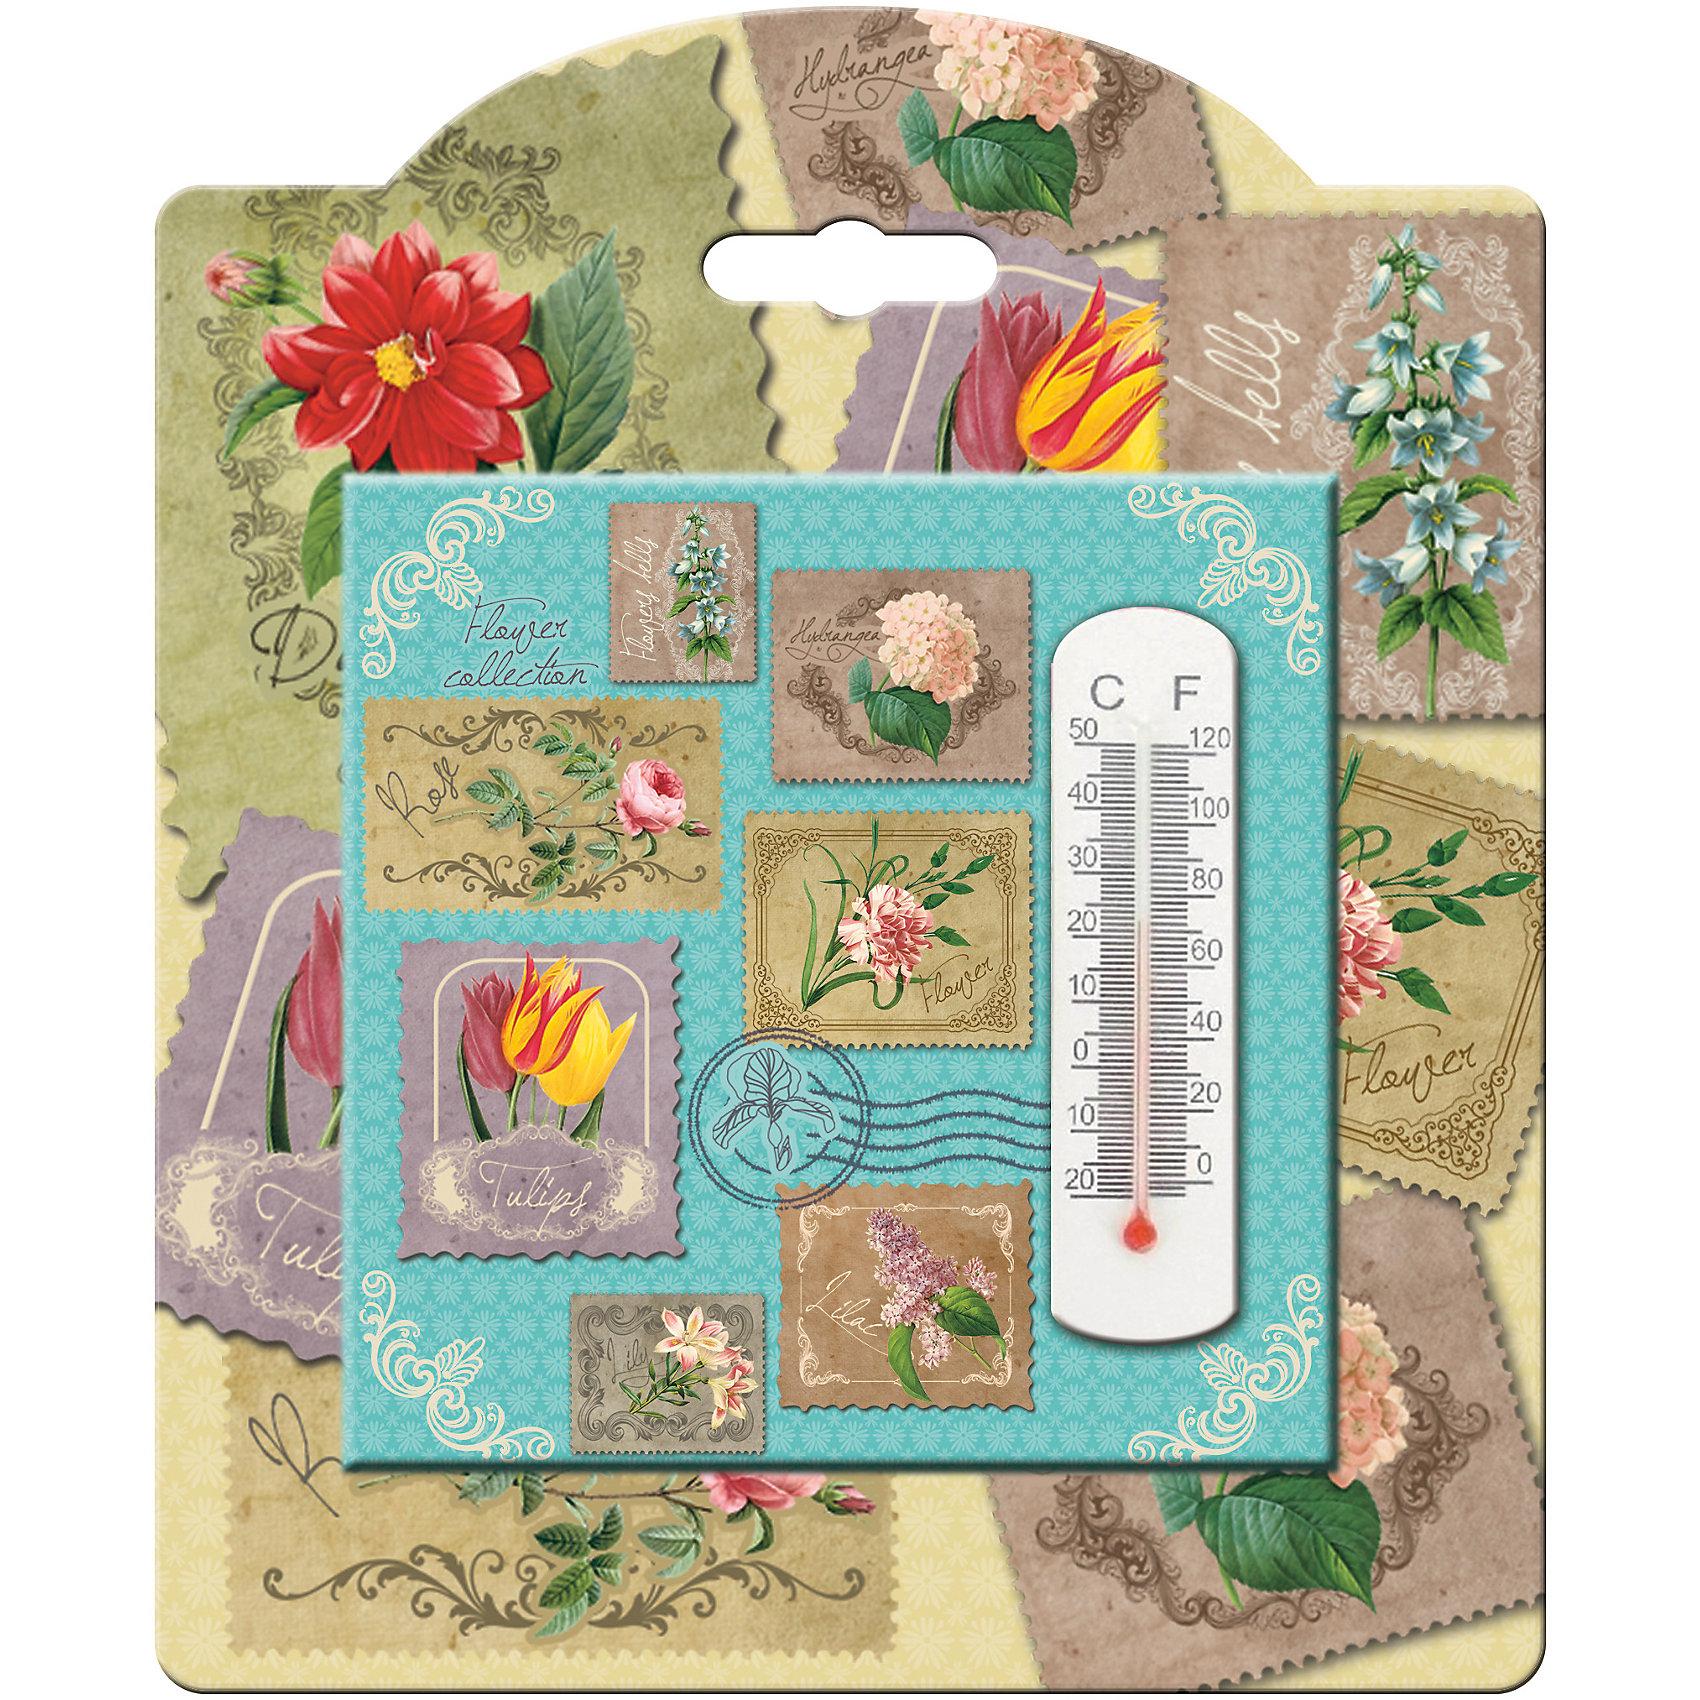 Термометр декоративный, в корпусе из доломитовой керамики, Феникс-ПрезентТермометры<br>Термометр декоративный, жидкостный, бытовой в корпусе из доломитовой керамики, Феникс-Презент<br><br>Характеристики:<br><br>• красивое оформление<br>• есть отверстие для подвешивания<br>• размер: 10х10 см<br>• материал корпуса: доломитовая керамика<br><br>Декоративный термометр не только подскажет вам температуру в доме, но и украсит интерьер комнаты. Корпус выполнен из доломитовой керамики. Наружная часть термометра оформлена красивым изображением цветов. Есть специальное отверстие для подвешивания. Размер термометра - 10х10 сантиметров.<br><br>Термометр декоративный, жидкостный, бытовой в корпусе из доломитовой керамики, Феникс-Презент можно купить в нашем интернет-магазине.<br><br>Ширина мм: 100<br>Глубина мм: 100<br>Высота мм: 10<br>Вес г: 128<br>Возраст от месяцев: 168<br>Возраст до месяцев: 2147483647<br>Пол: Унисекс<br>Возраст: Детский<br>SKU: 5449746